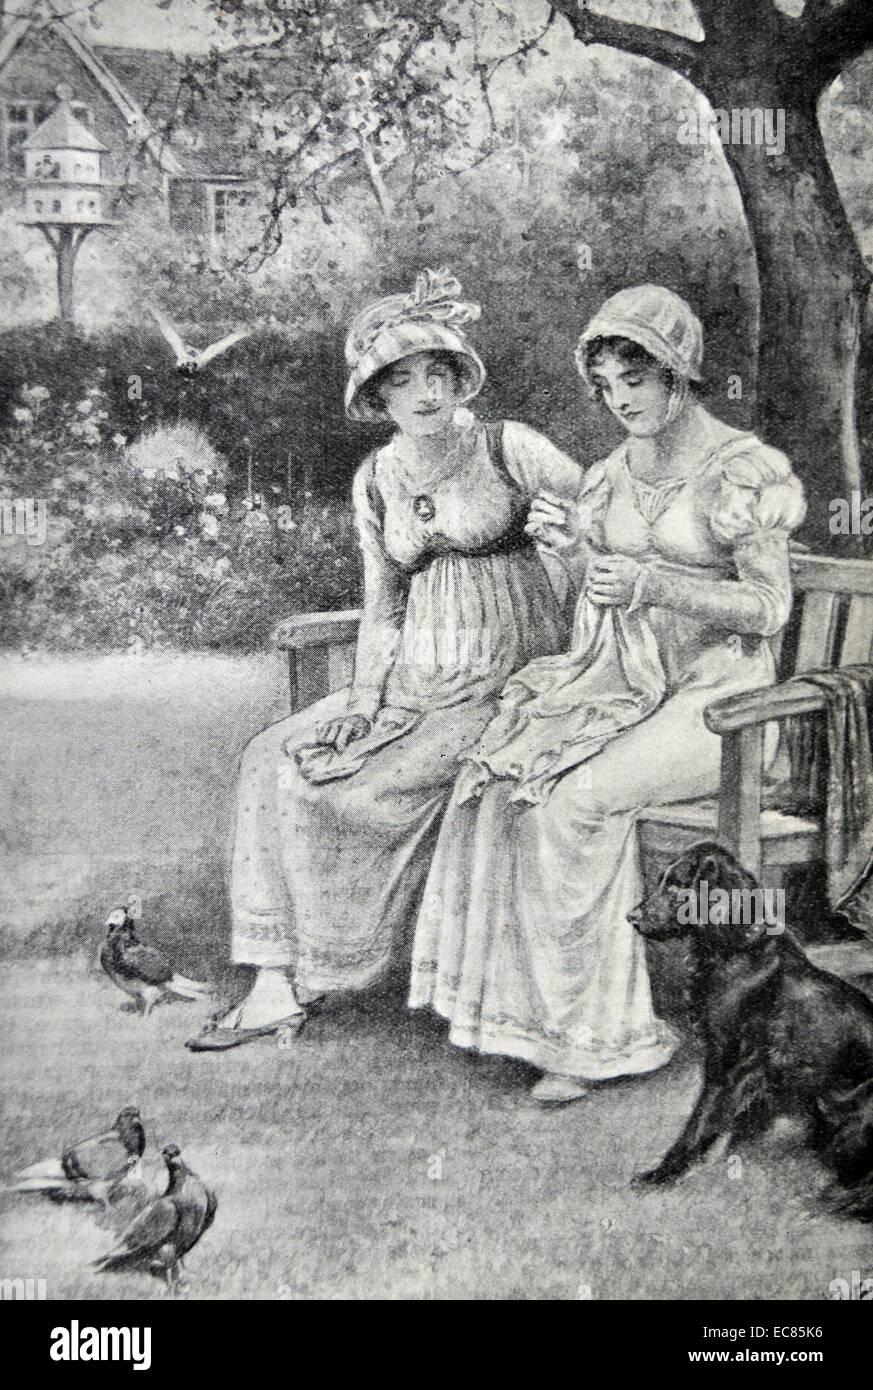 Grabado de Jane Austen y su hermana Cassandra haciendo bordados en la rectoría jardín. Fecha 1810 Imagen De Stock